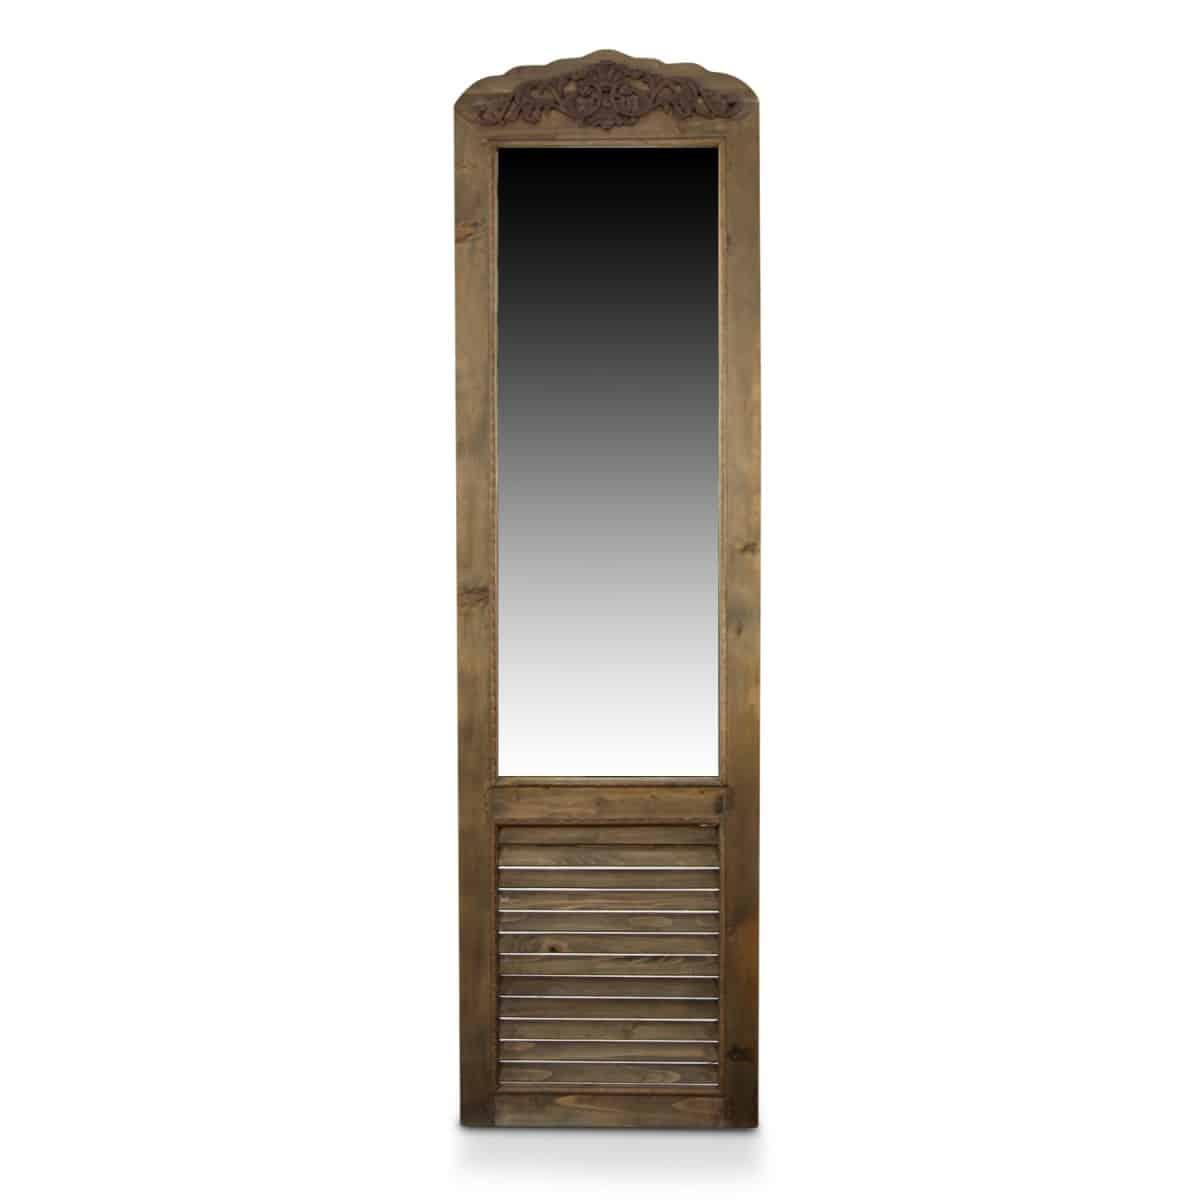 Décoration d'fois Miroir Ancien Rectangulaire Vertical Sur Pied Bois 48.5x5x170cm - Marron